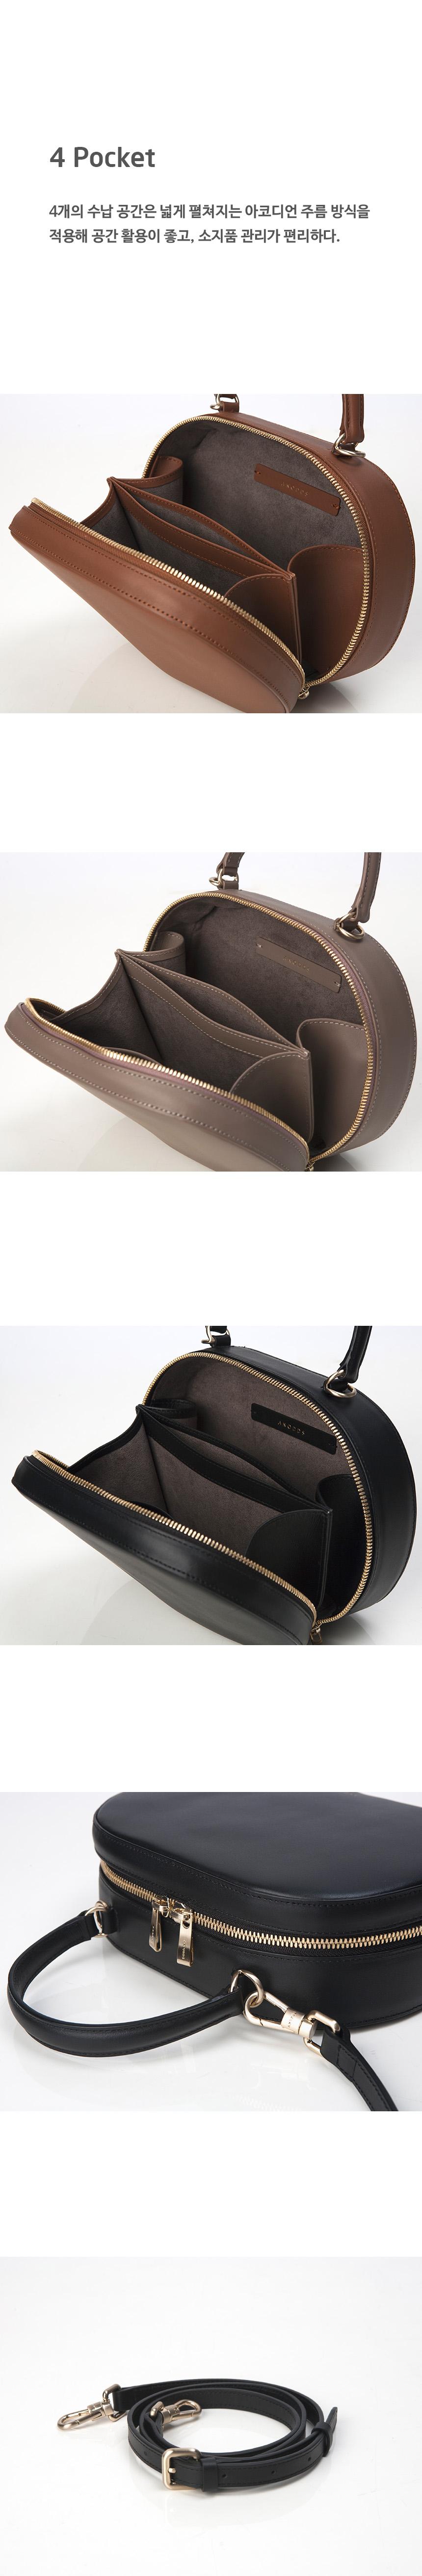 앤오즈(ANODDS) KENDI Shoulder Bag 3 Color